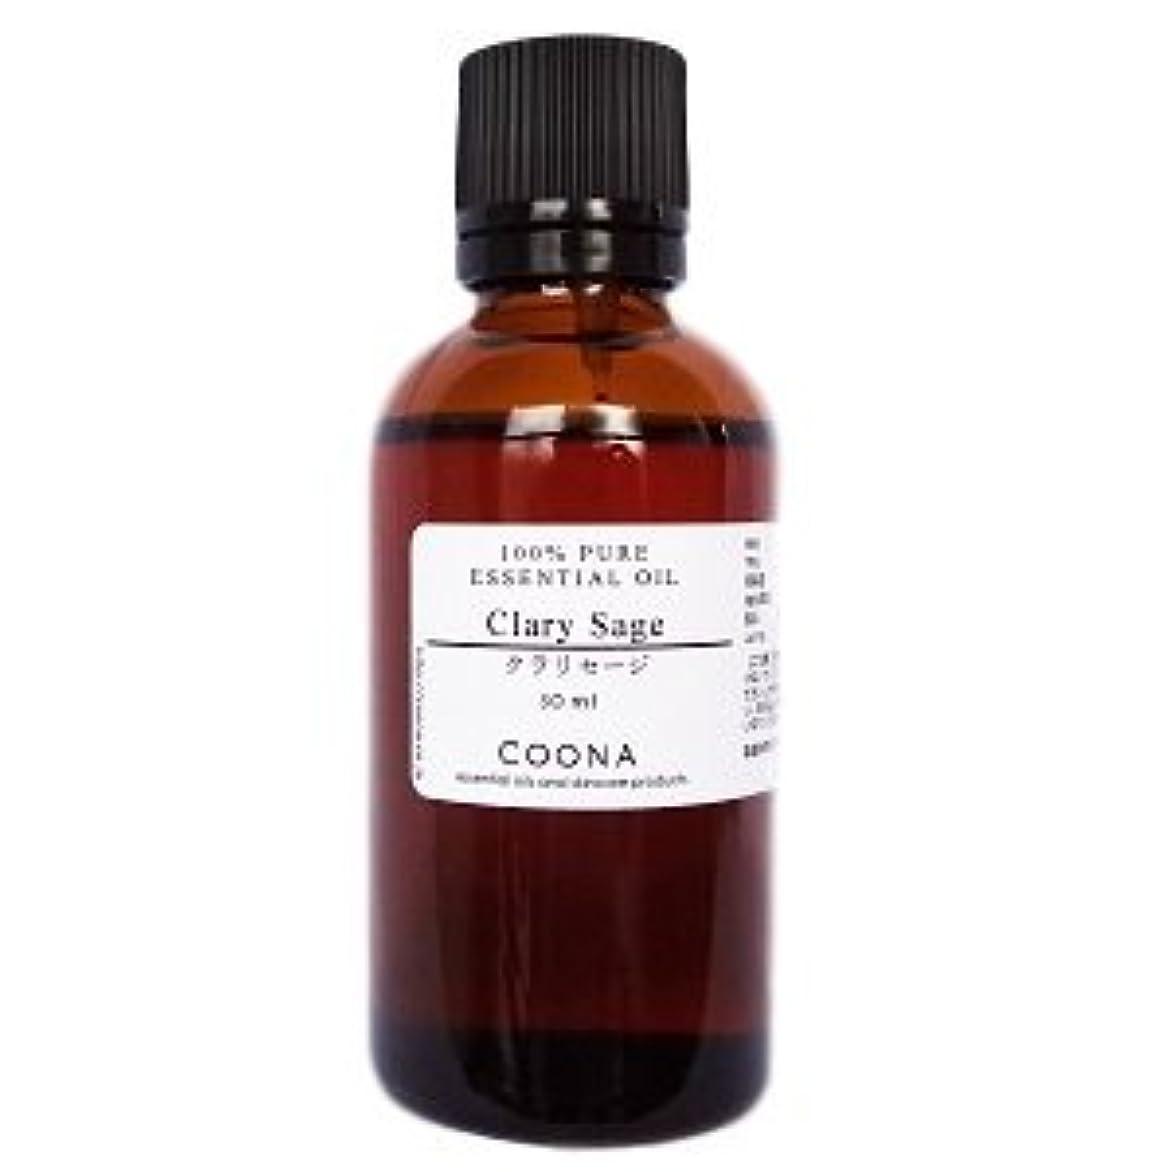 強打本ホースクラリセージ 50 ml (COONA エッセンシャルオイル アロマオイル 100% 天然植物精油)